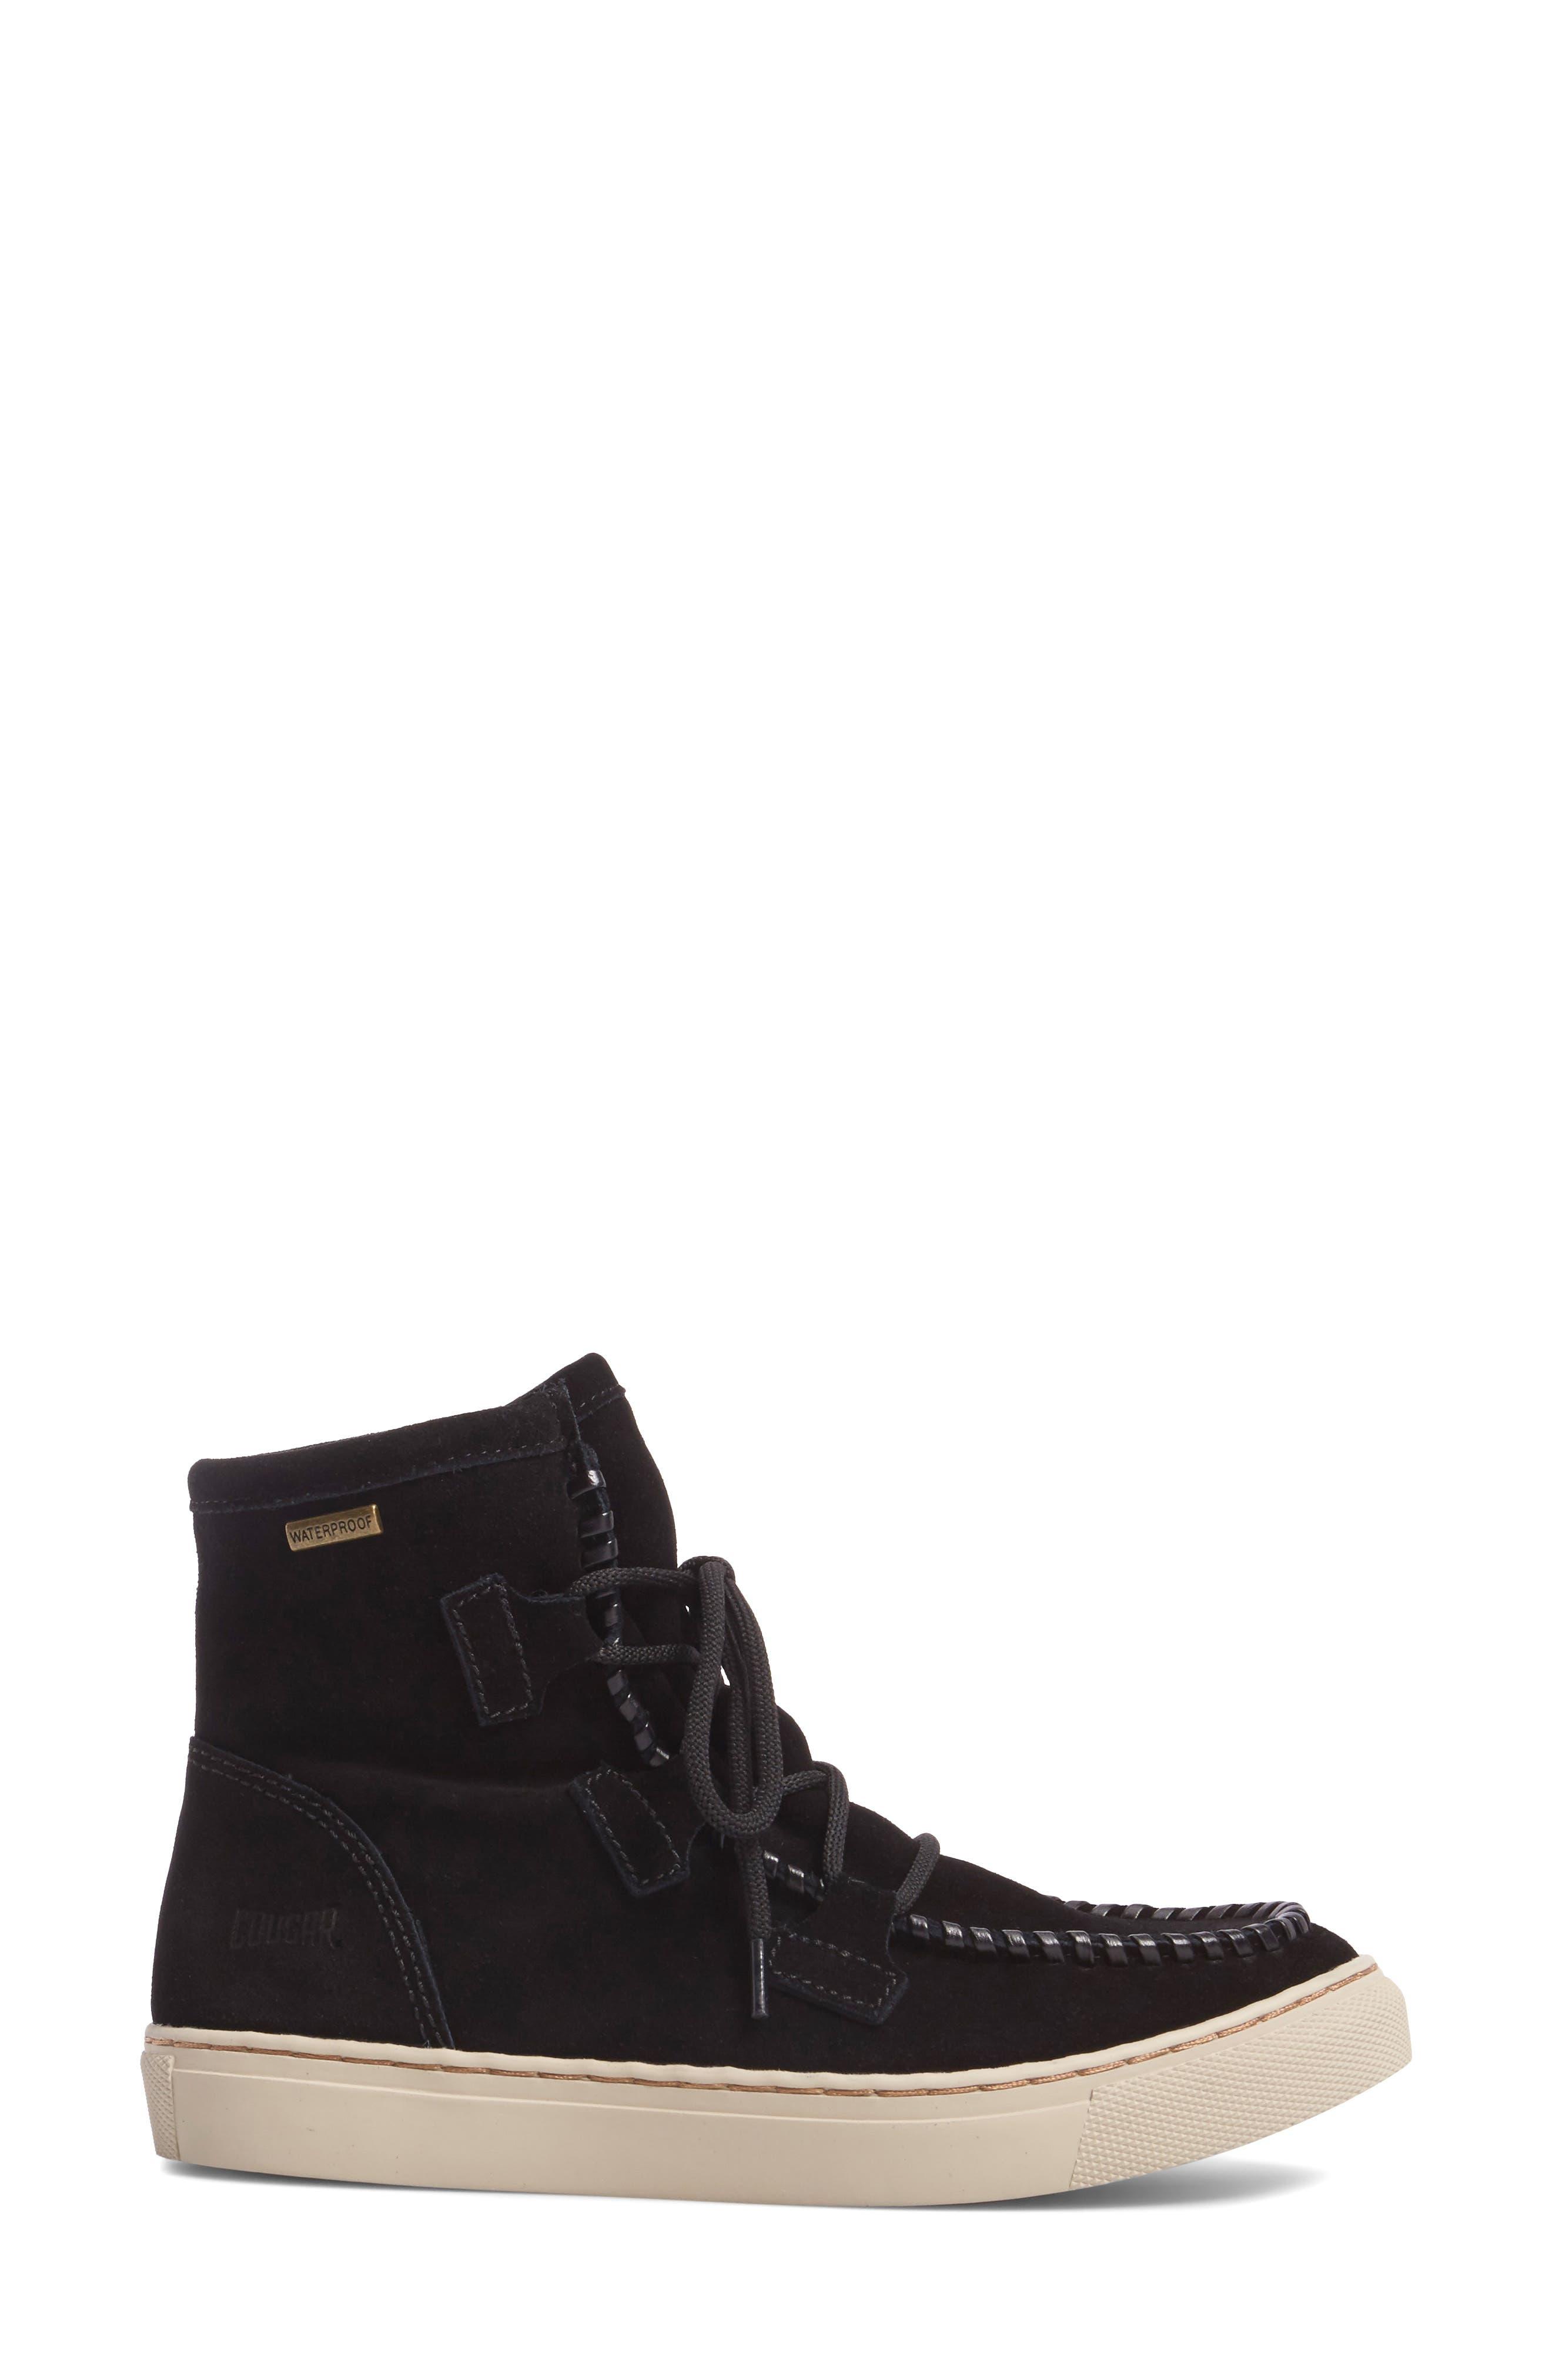 Fabiola Waterproof High Top Sneaker,                             Alternate thumbnail 3, color,                             BLACK SUEDE